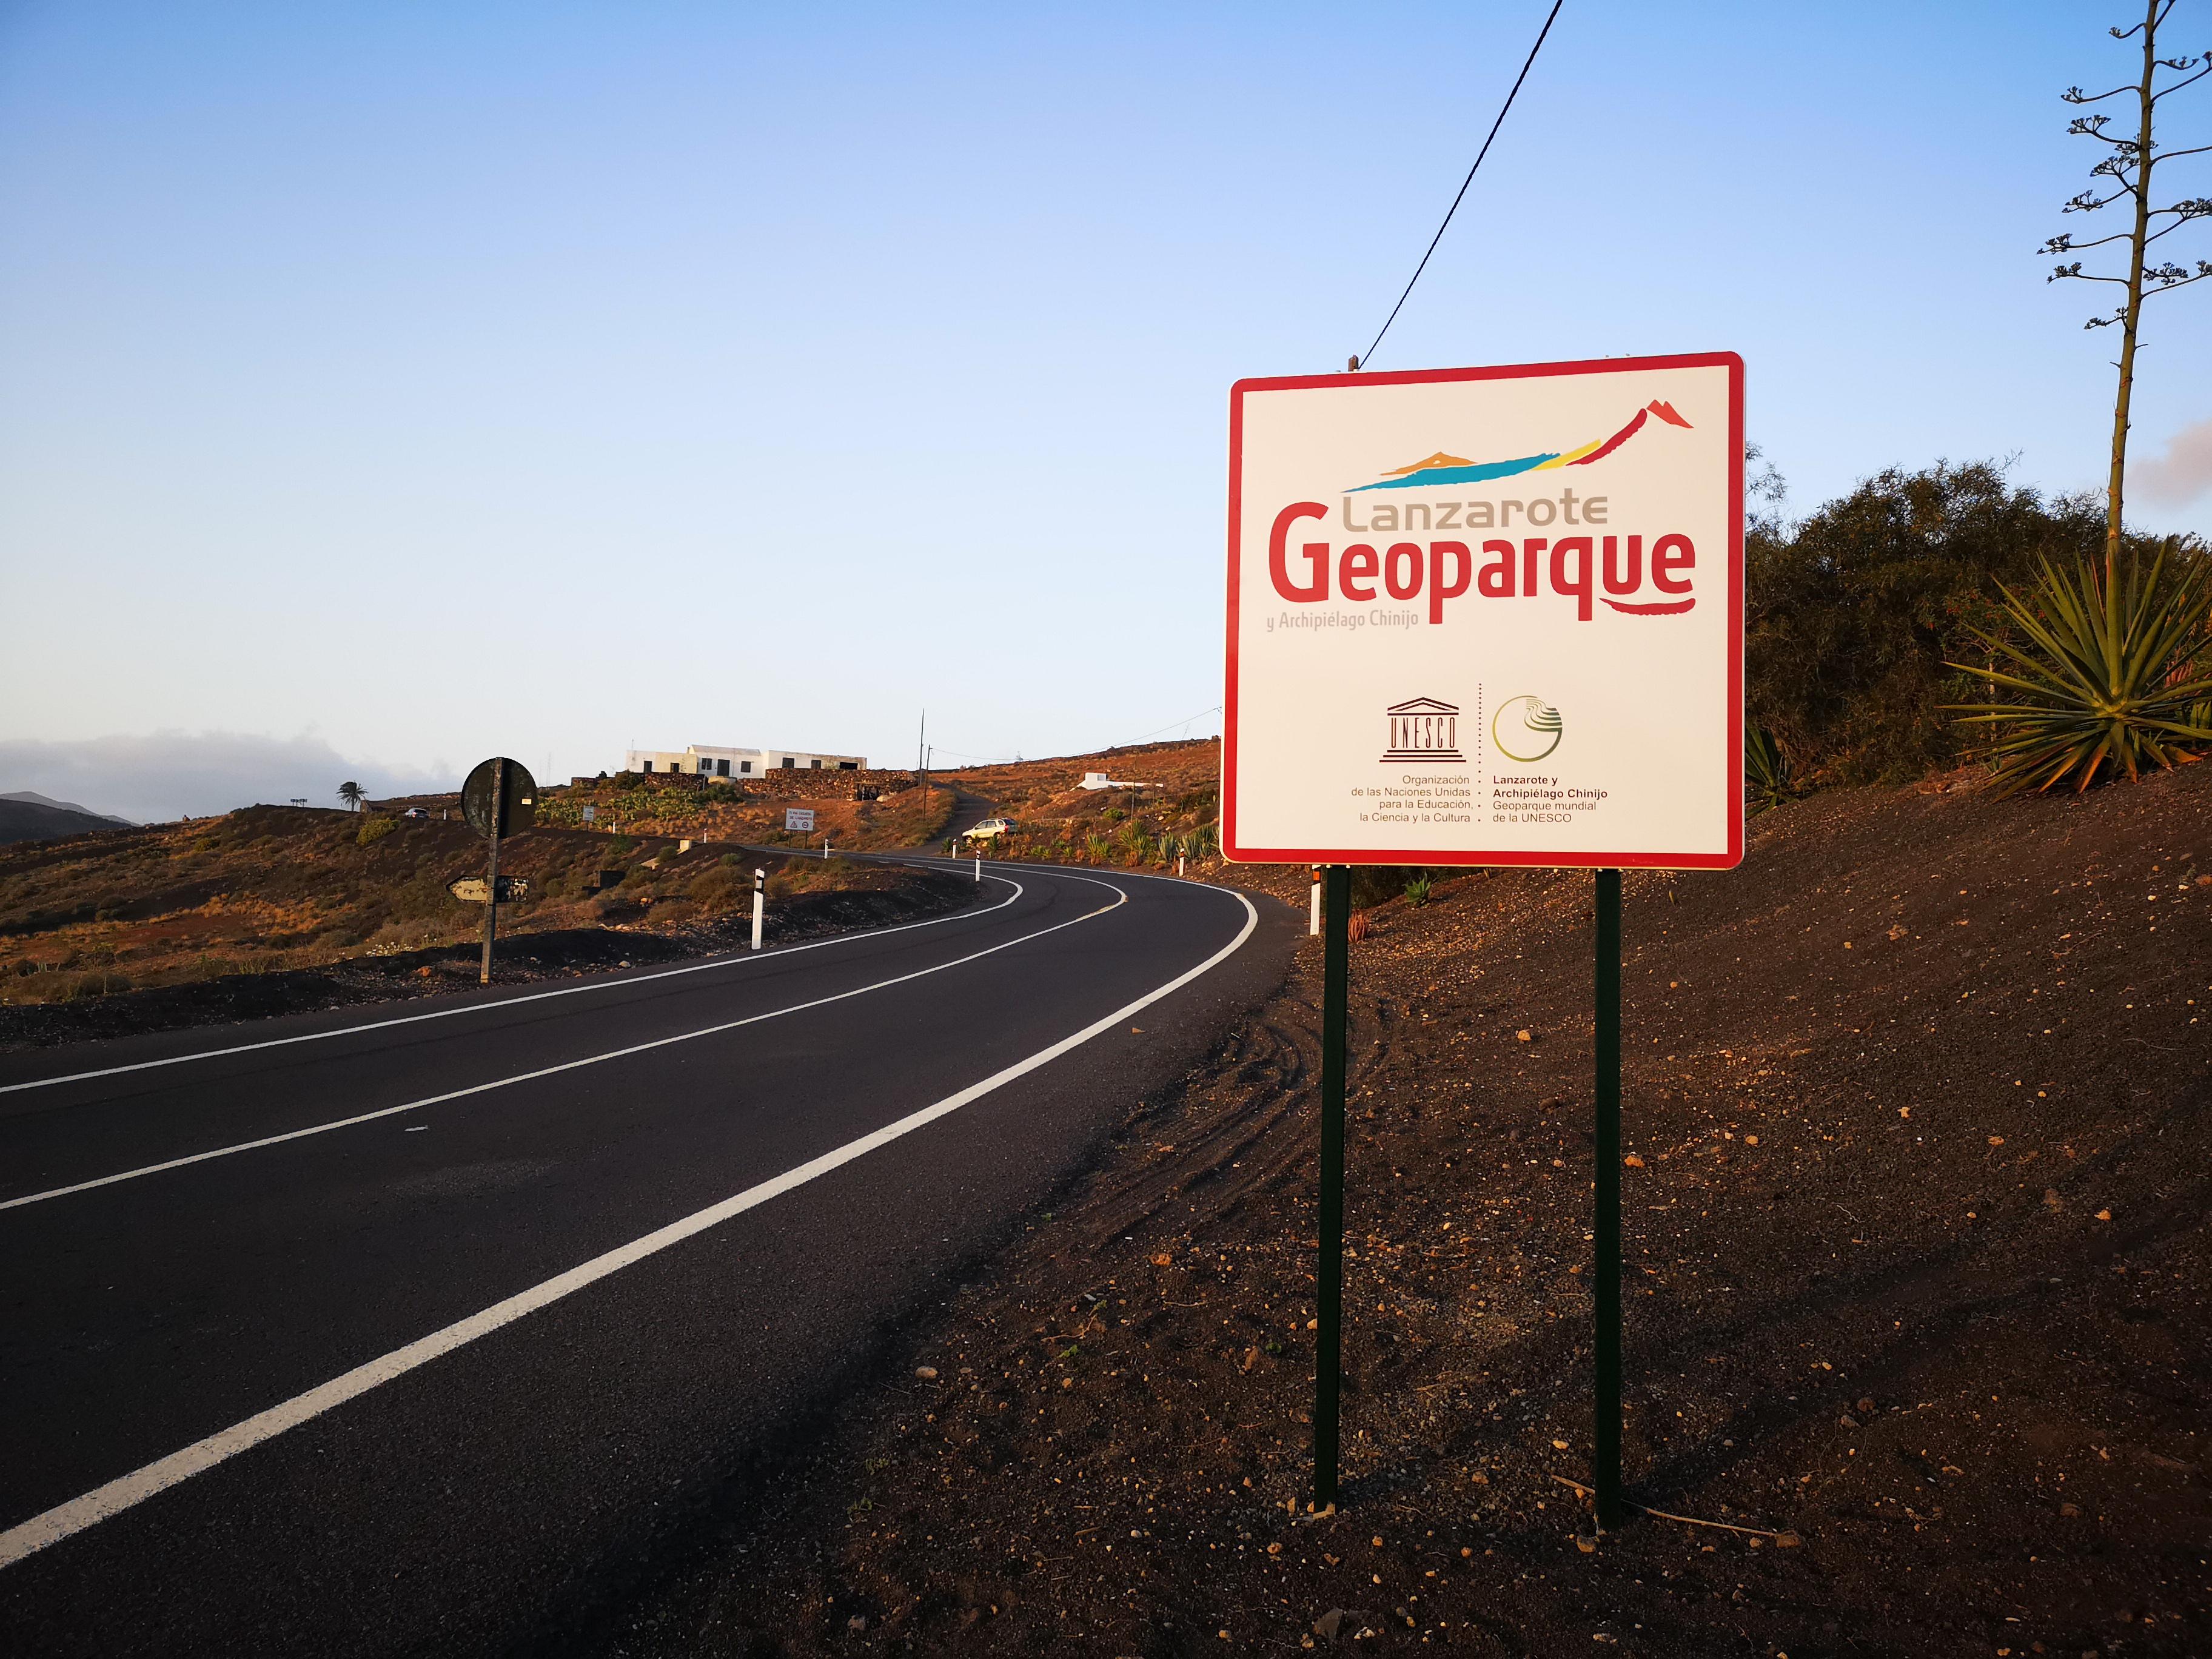 La Fundación César Manrique rechaza la instalación de vallas publicitarias en distintos puntos de la isla por Geoparque Lanzarote y Archipiélago Chinijo